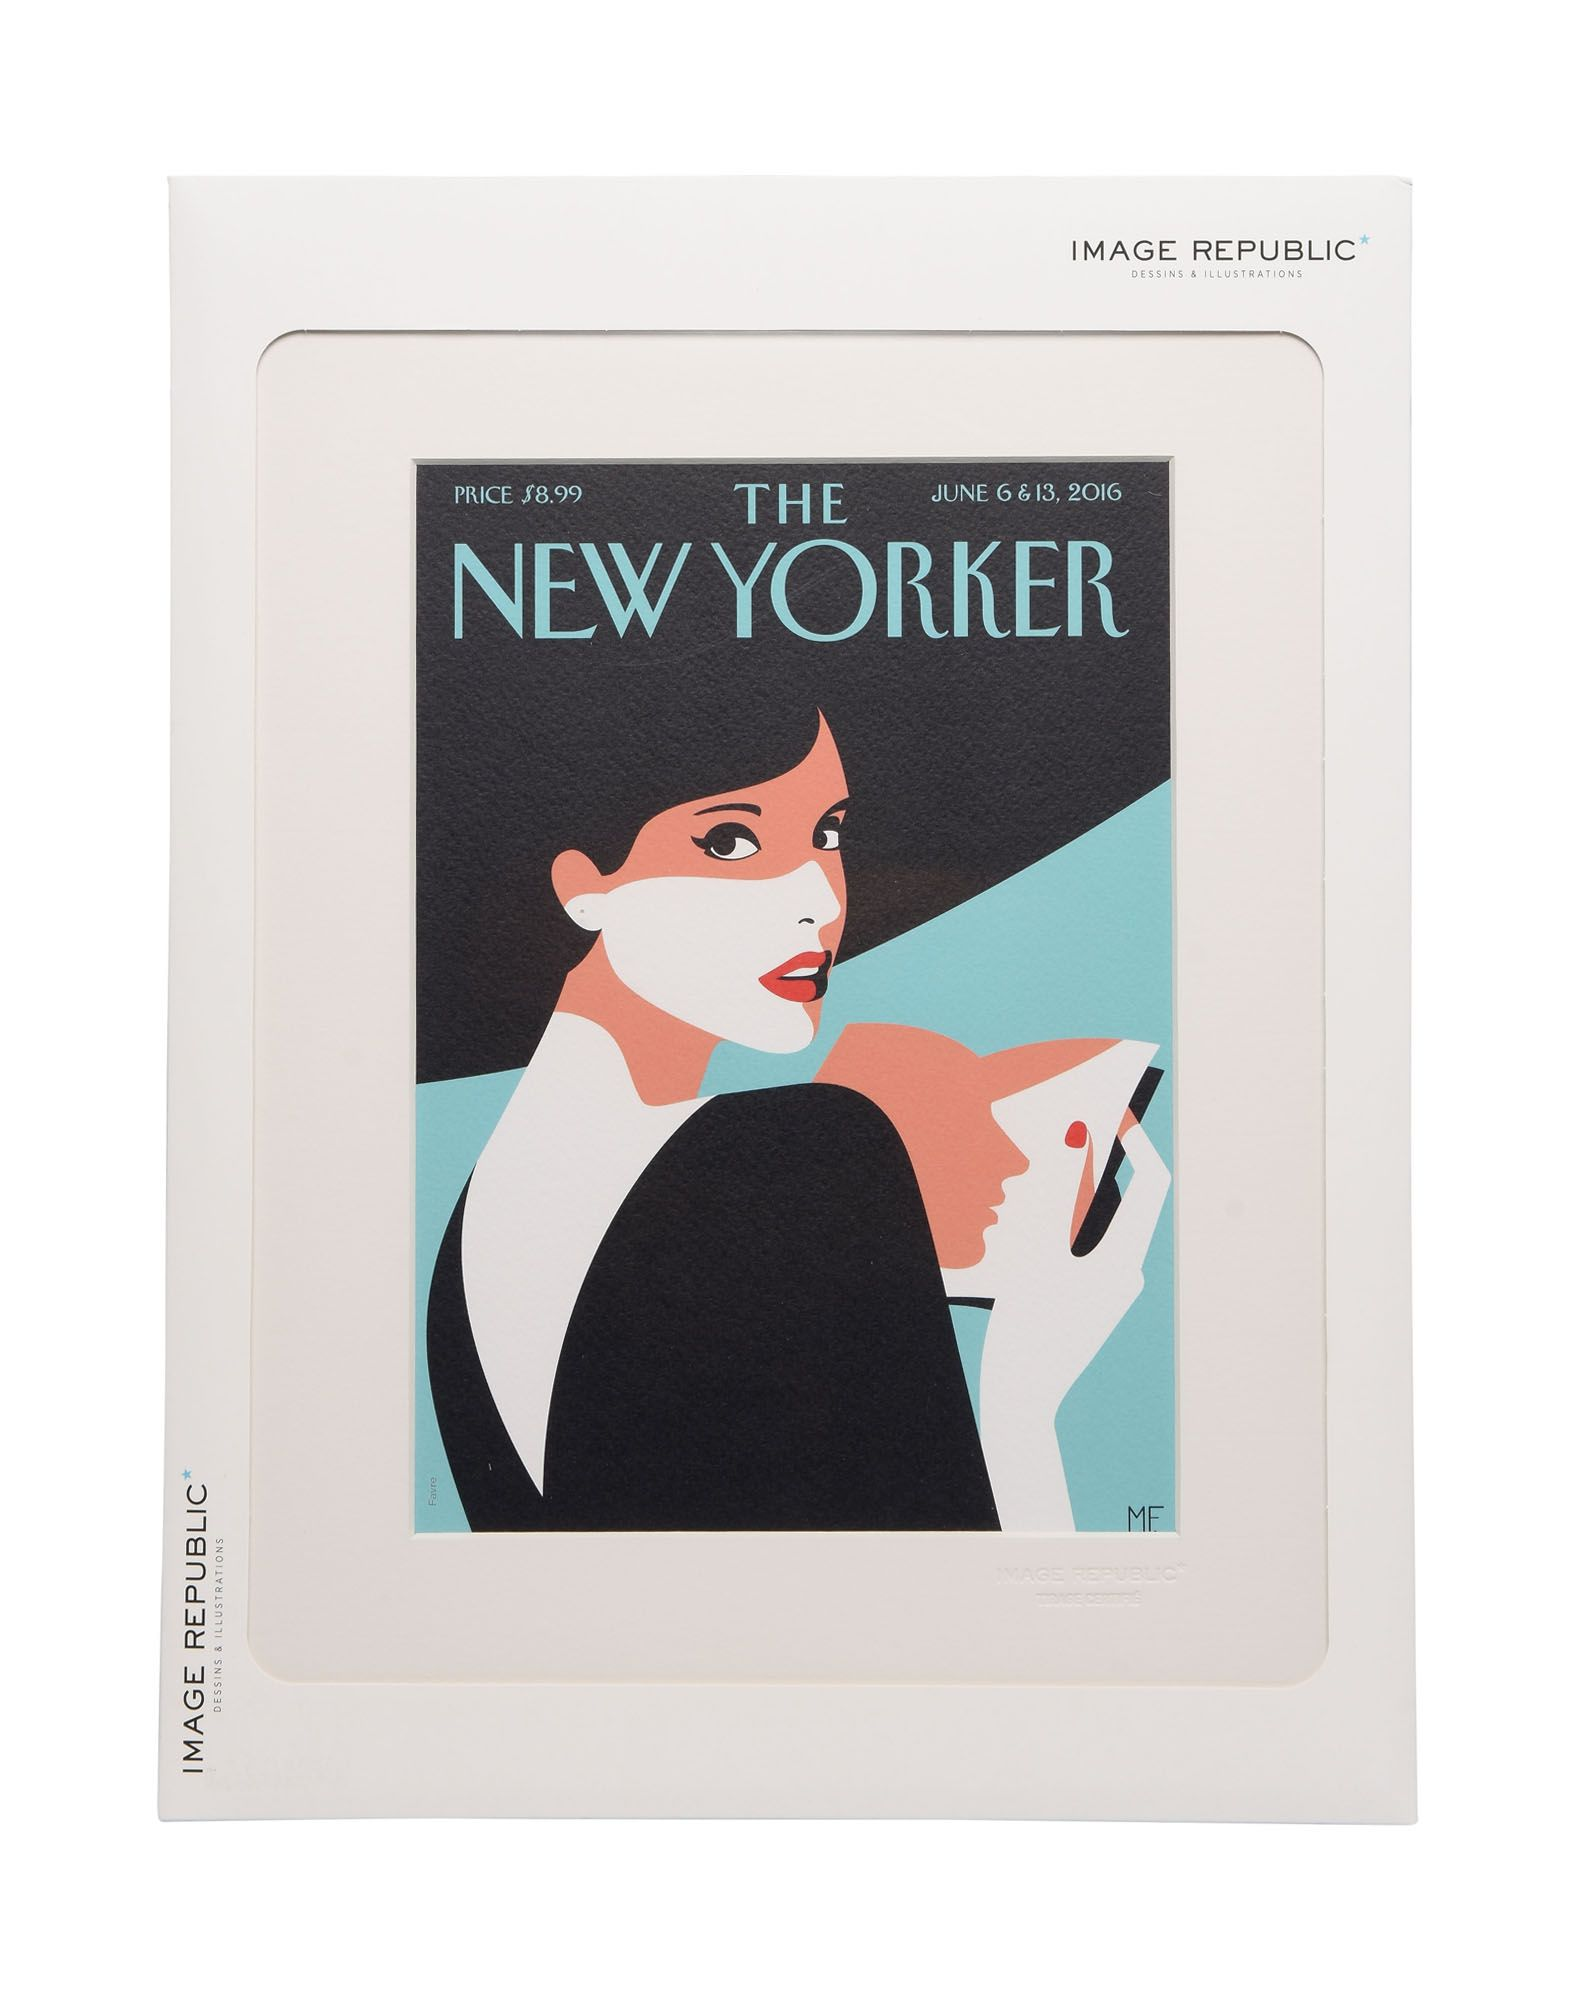 《送料無料》IMAGE REPUBLIC Unisex デコレーション ターコイズブルー 指定外繊維(紙) THE NEWYORKER 86 FAVRE PAGE turner